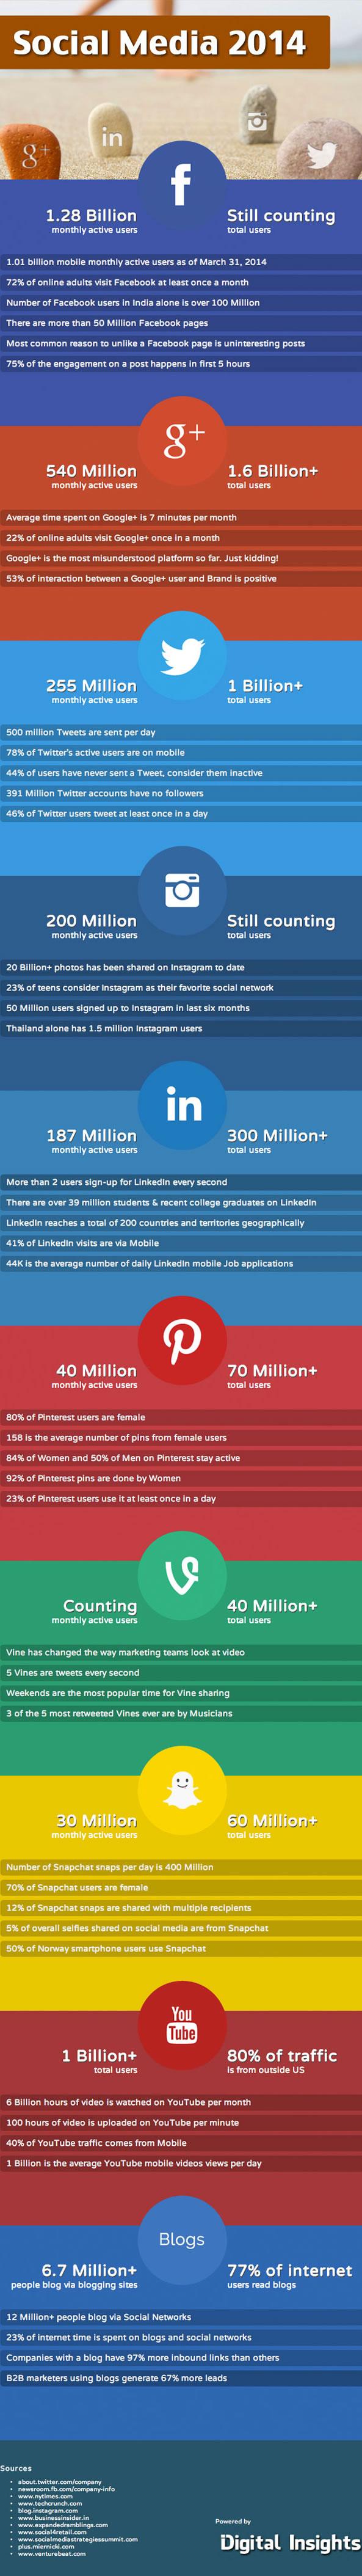 Chiffres clés sur les réseaux sociaux